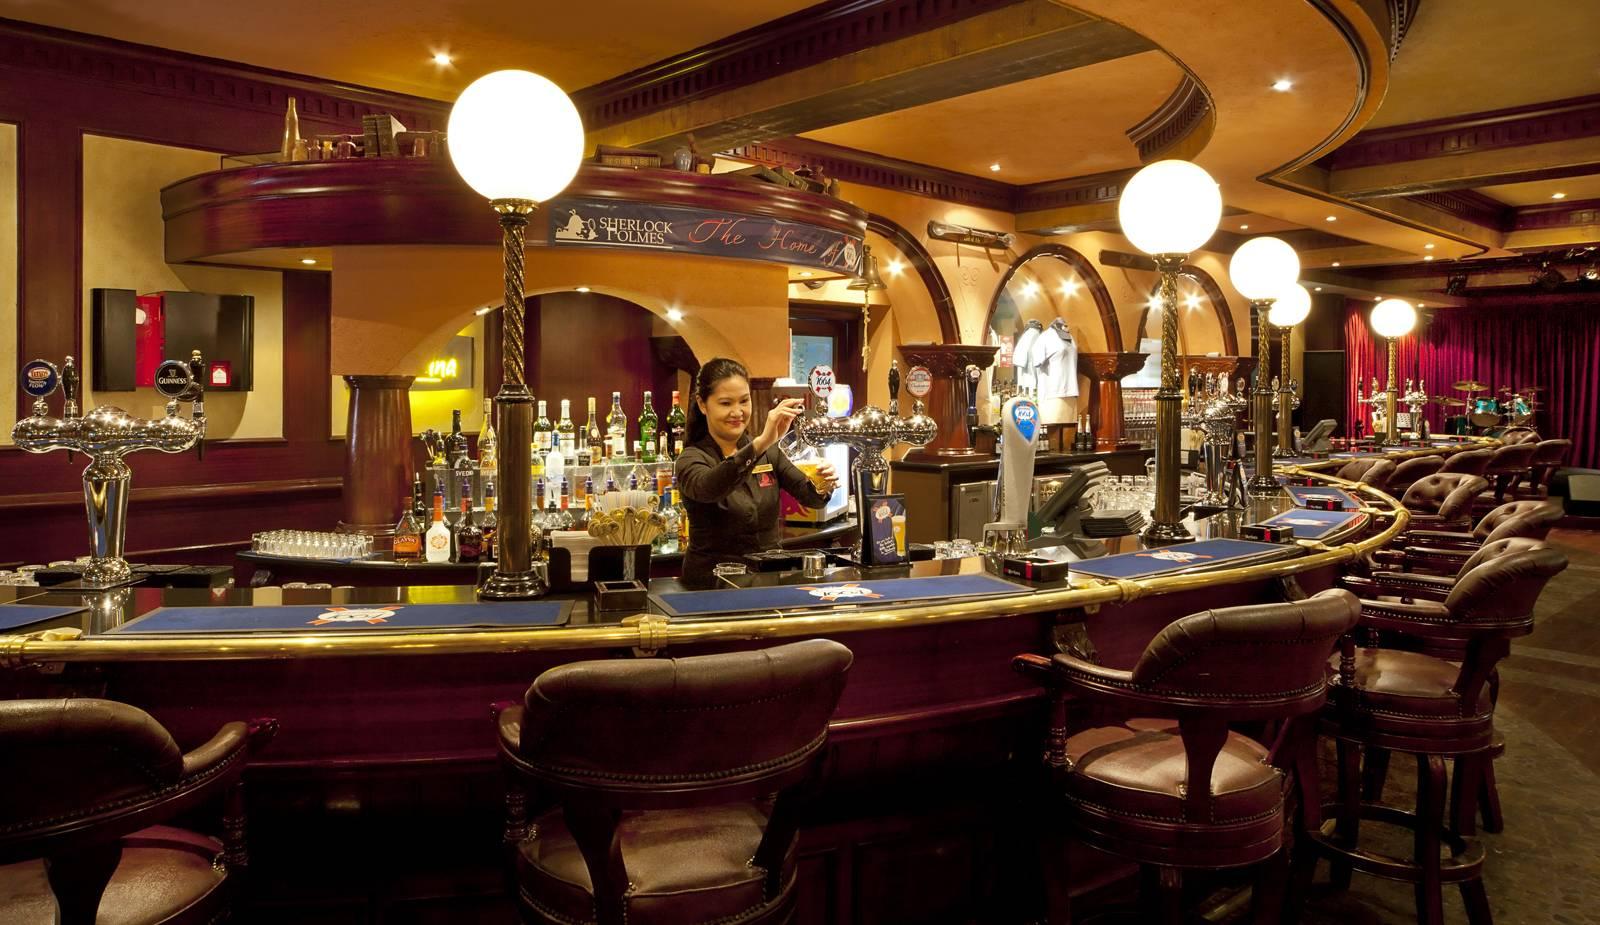 restorani-bari-kafe-0019